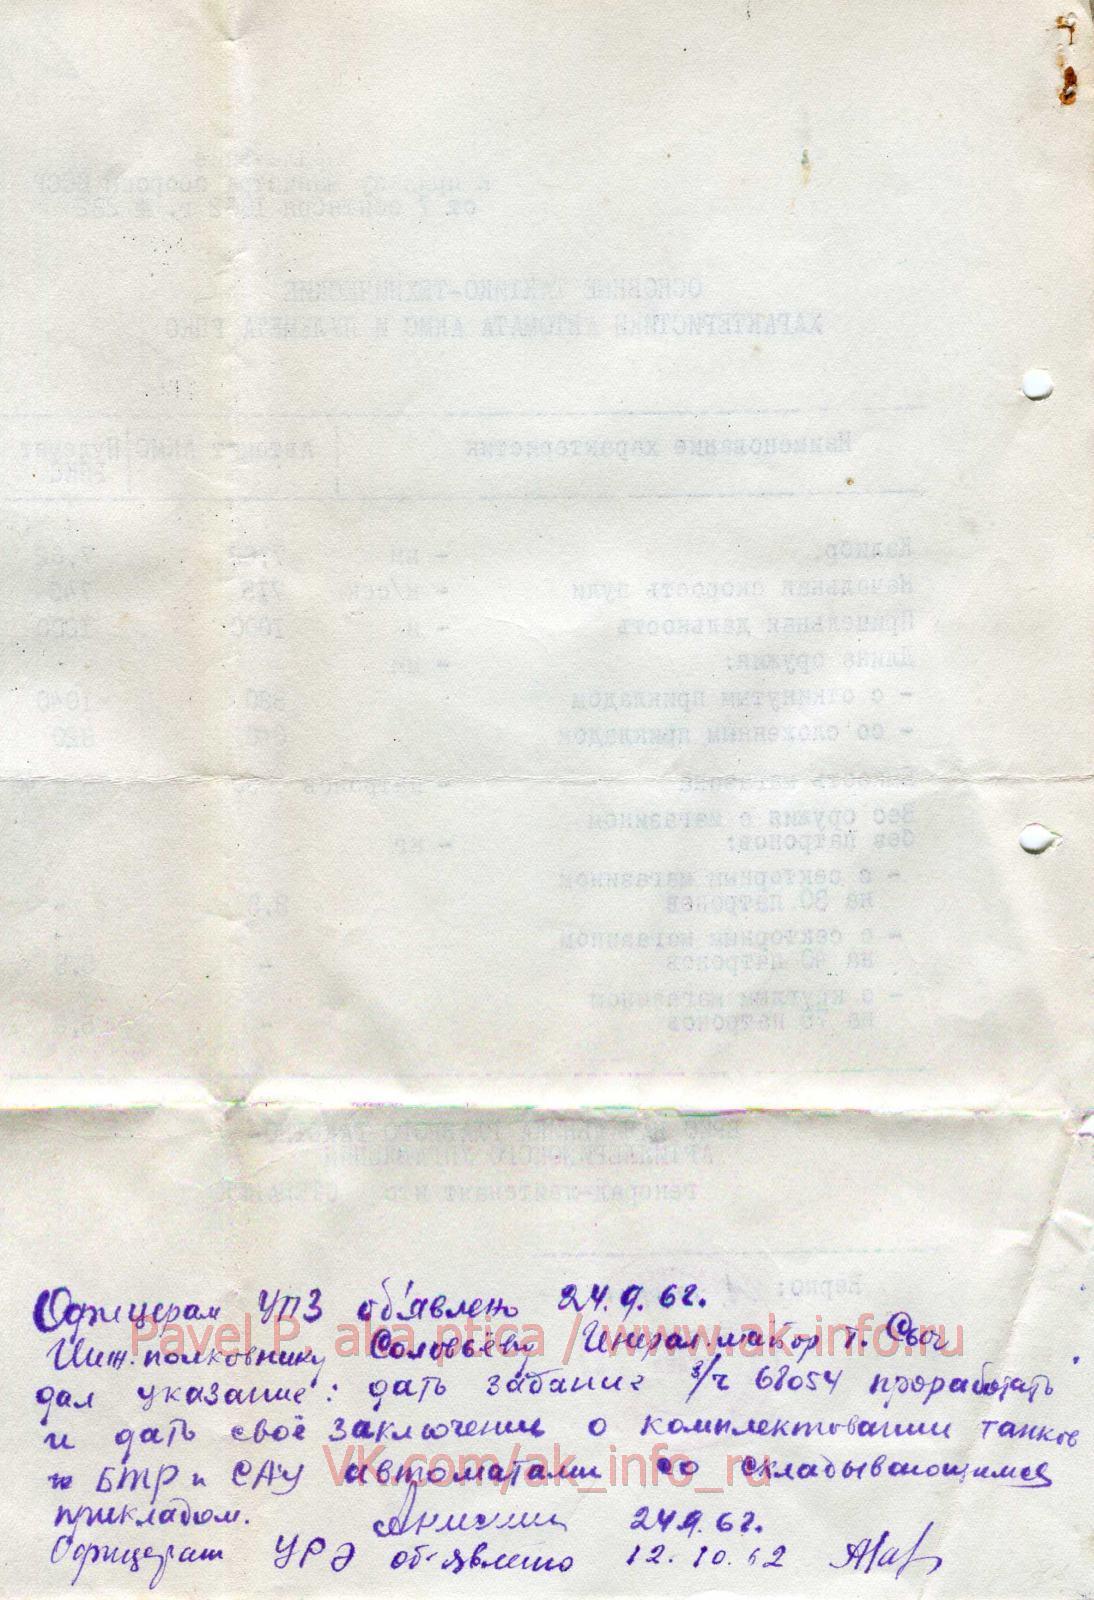 Приказ Министра обороны СССР №282 от 7 сентября 1962 г. О принятии на вооружение Советской Армии автомата Калашникова АКМ и ручного пулемета Калашникова РПК со складывающимися прикладами.